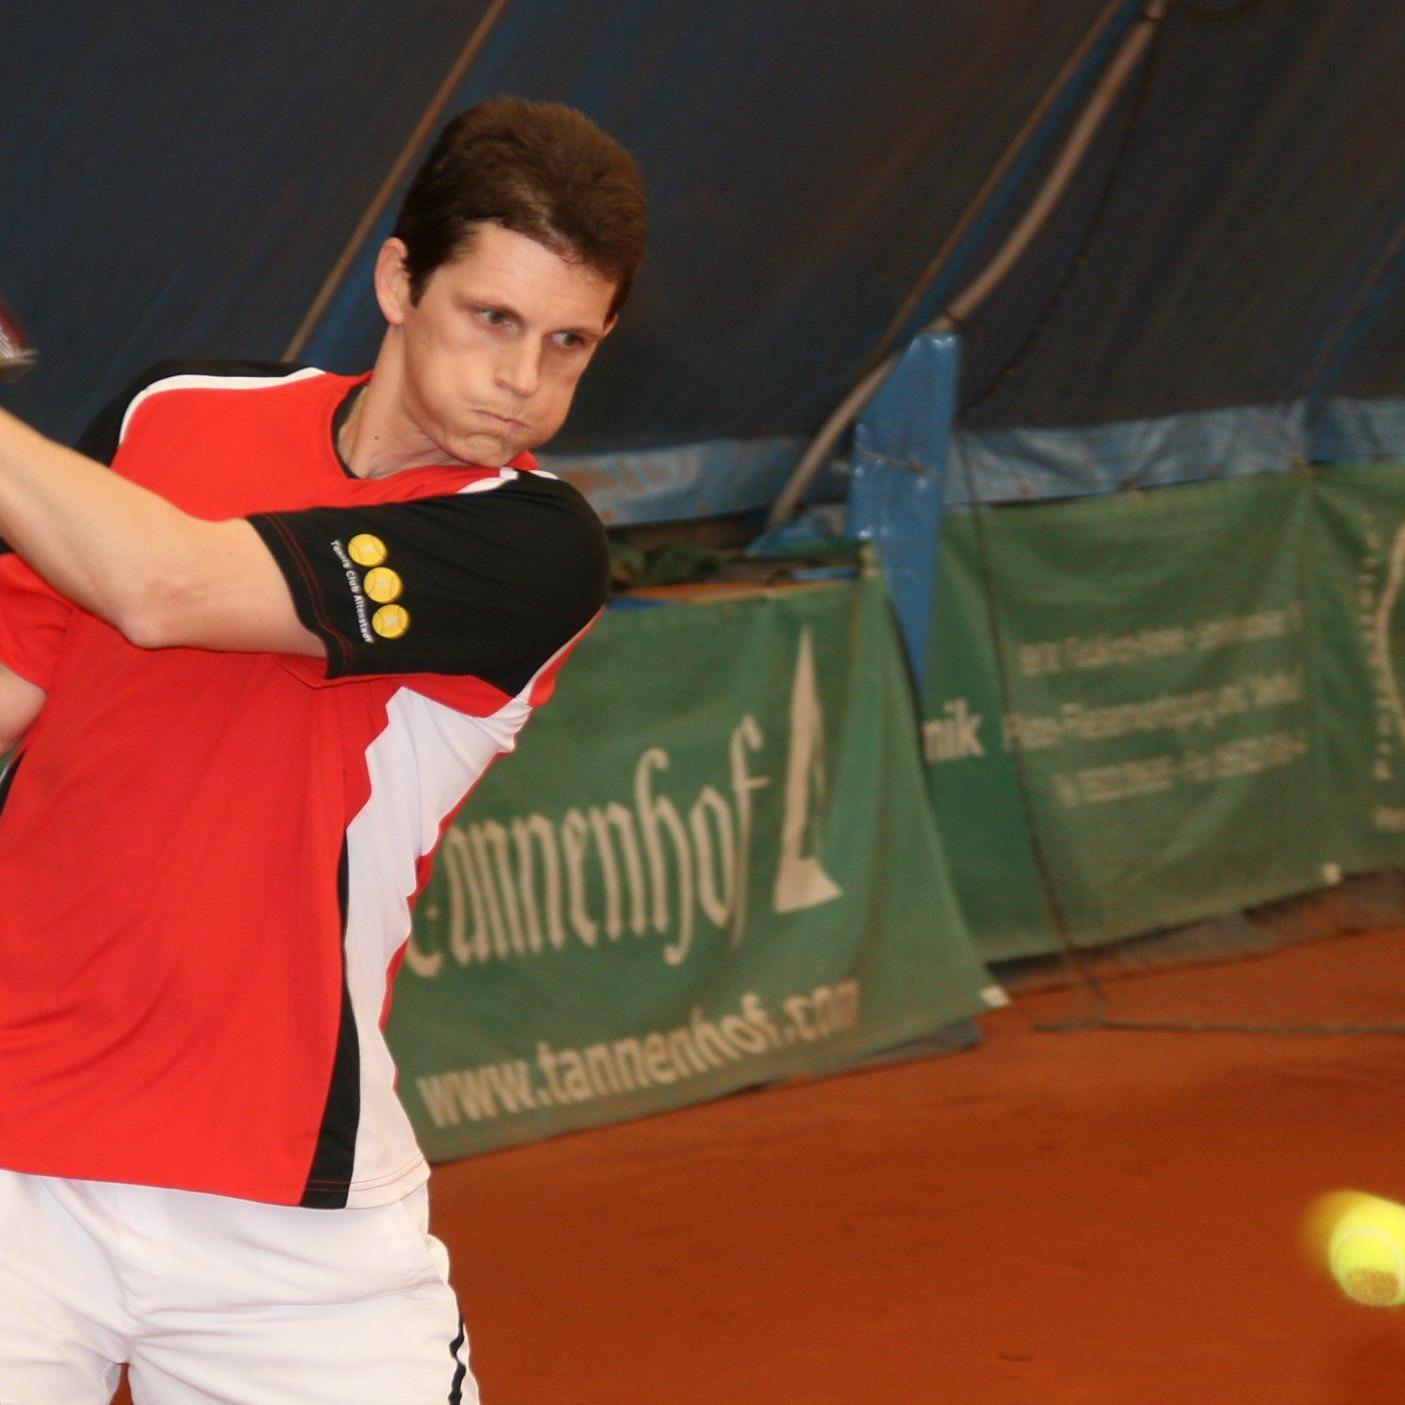 Am Samstag werden in Altenstadt die Finalspiele ausgetragen.